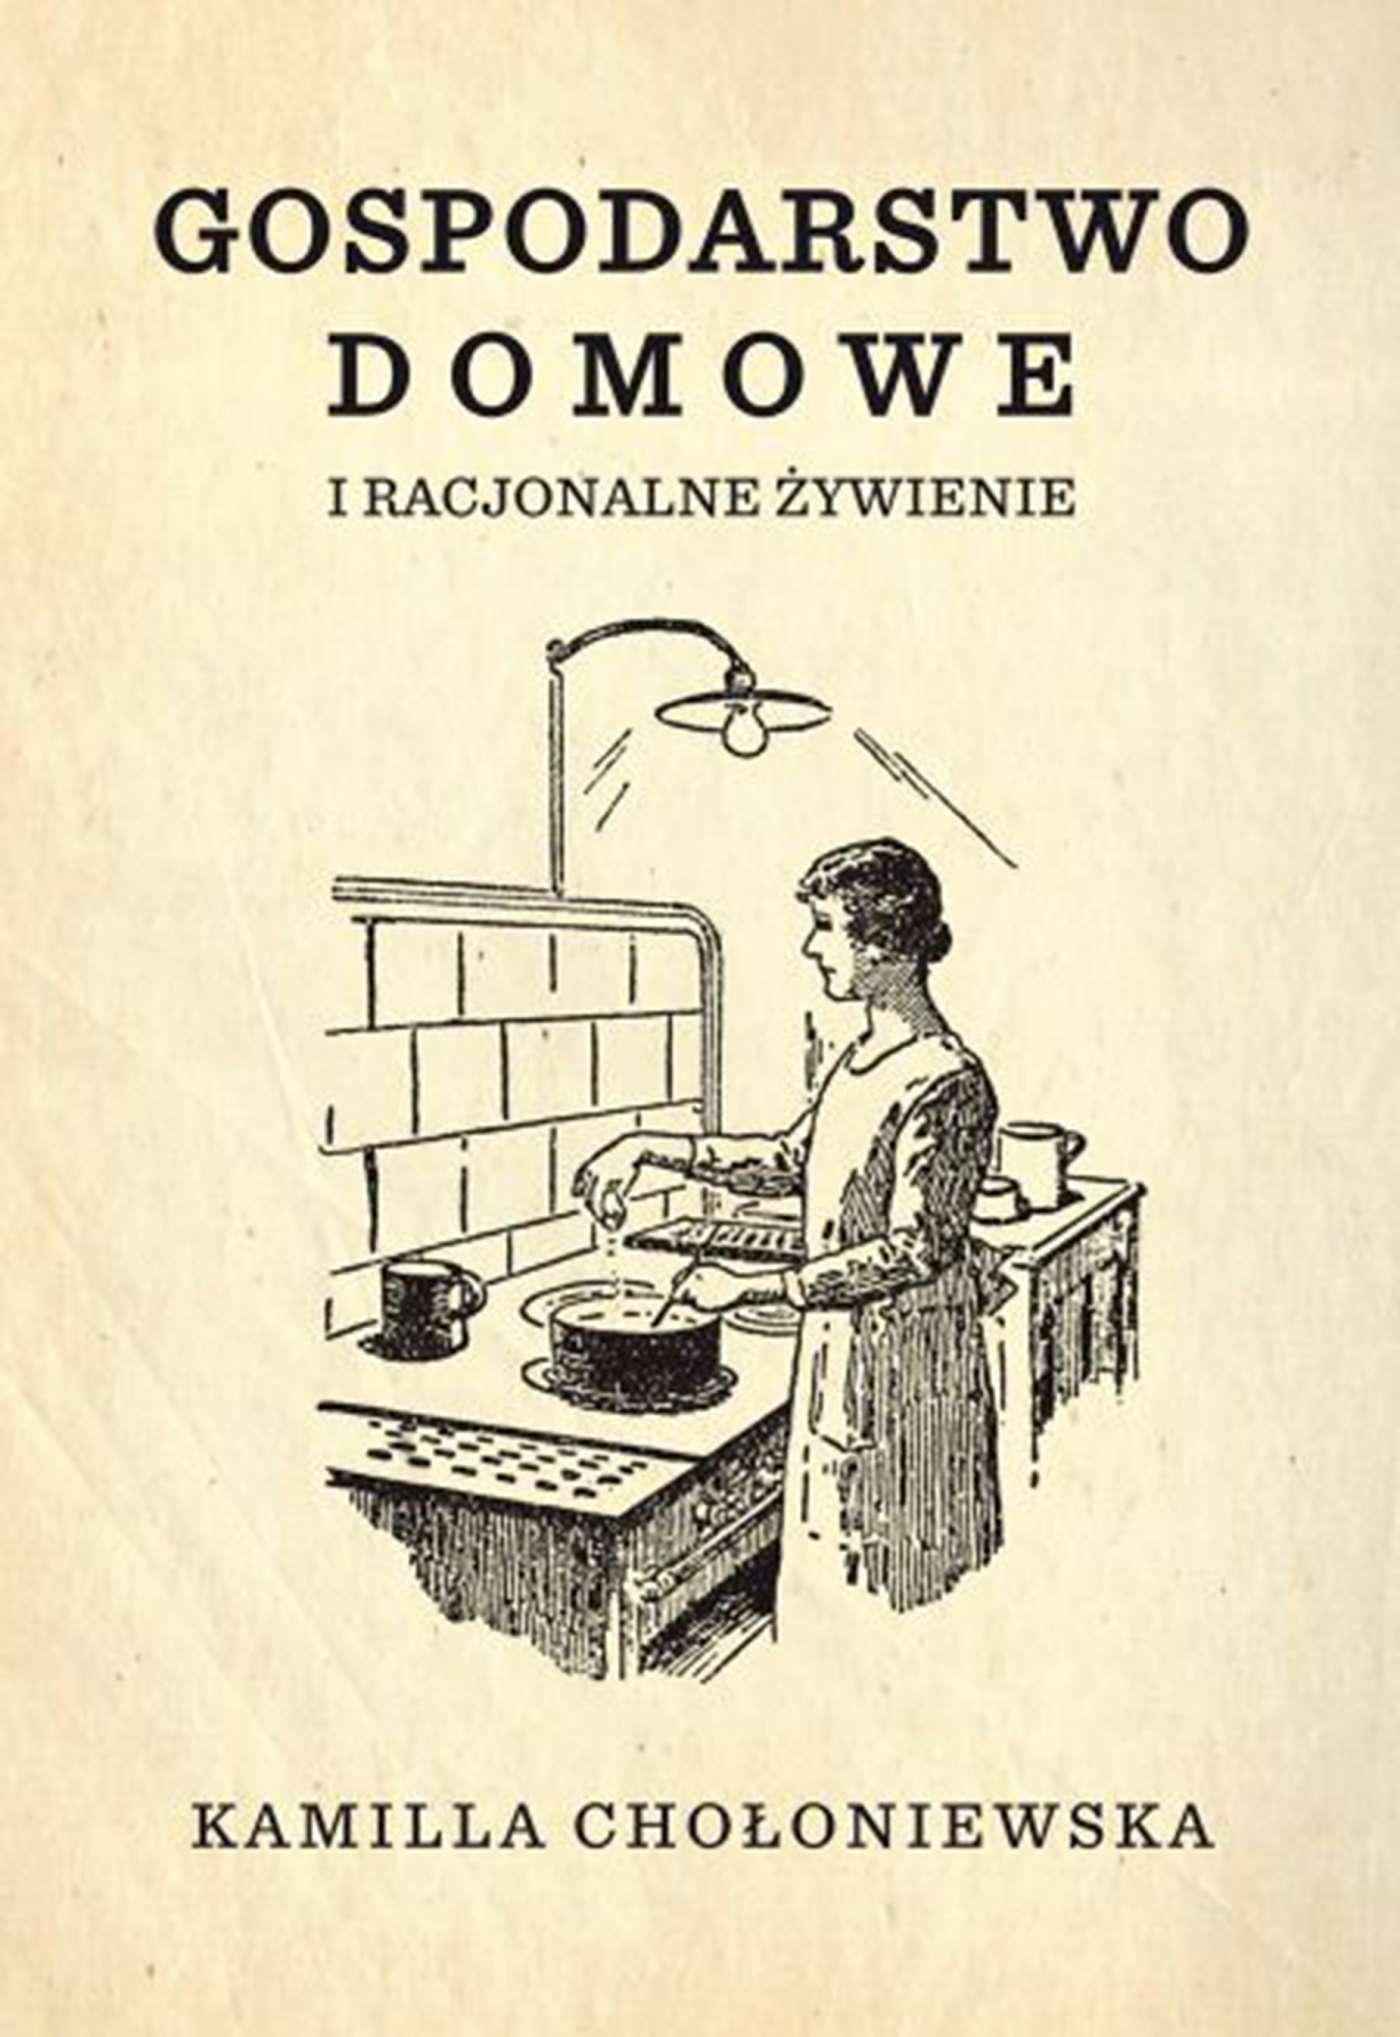 Gospodarstwo domowe i racjonalne żywienie - Ebook (Książka EPUB) do pobrania w formacie EPUB